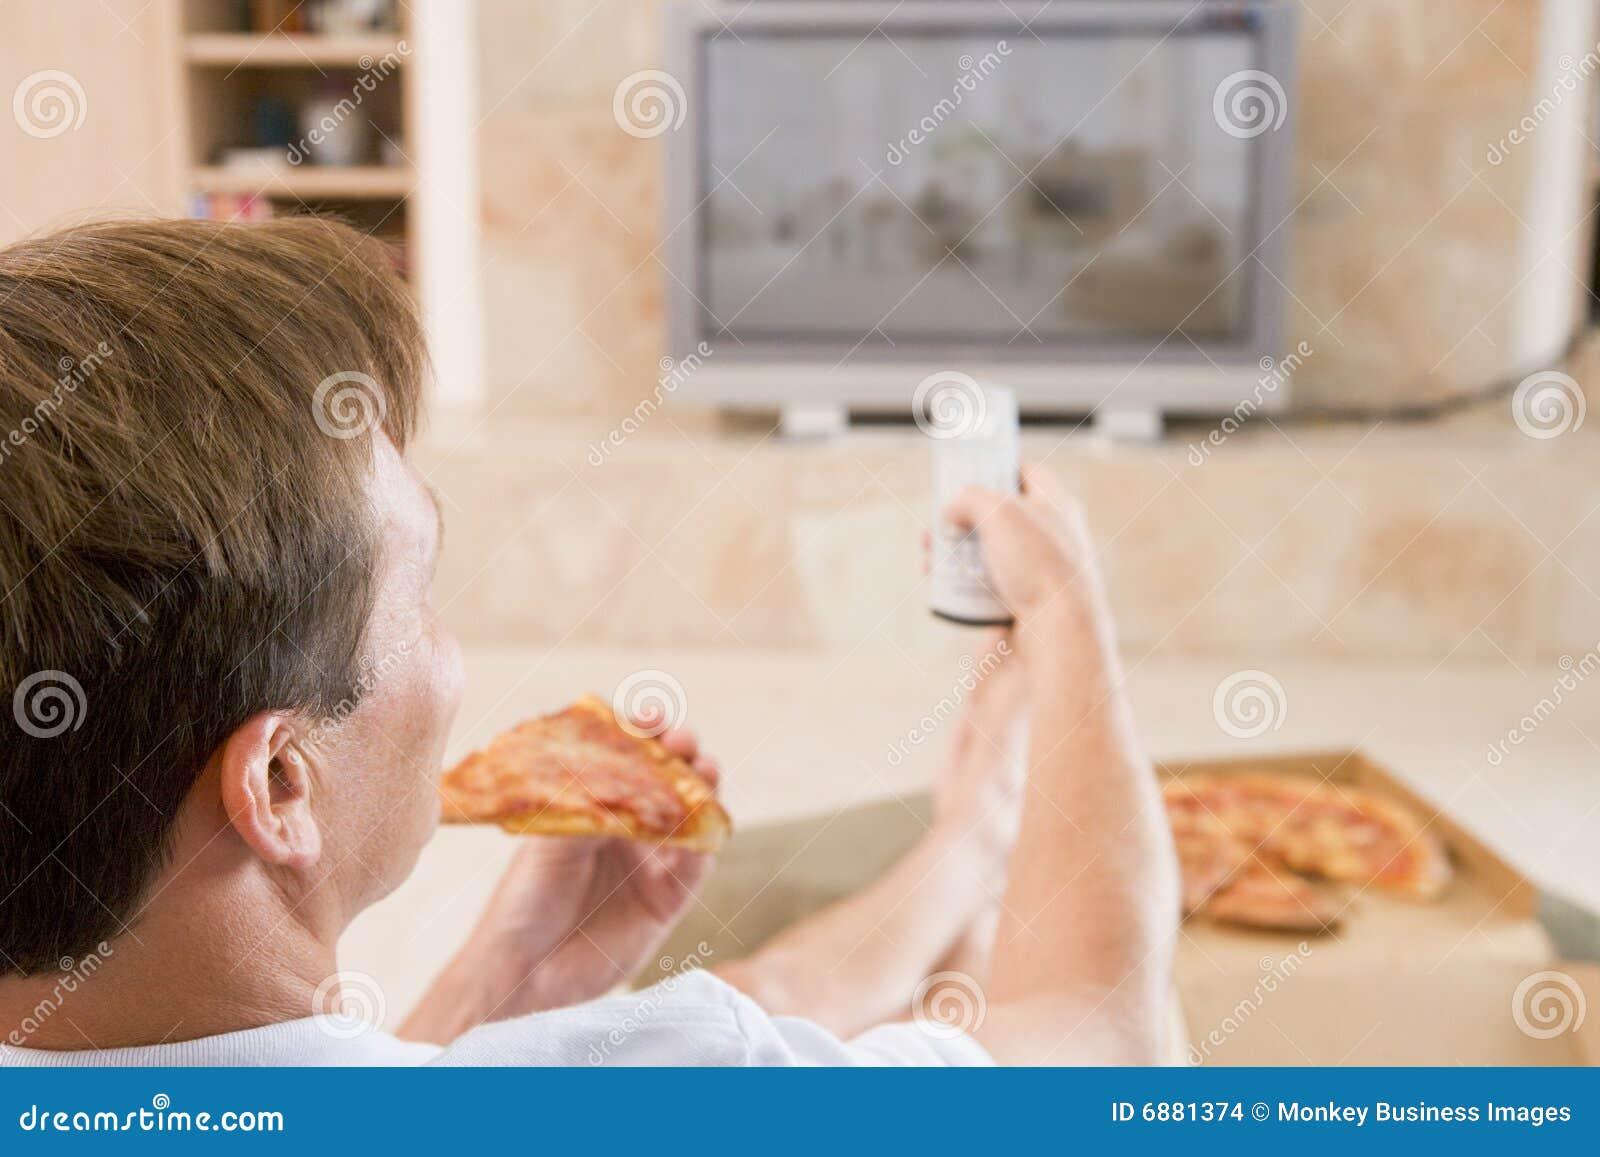 Man Enjoying Pizza While Watching TV